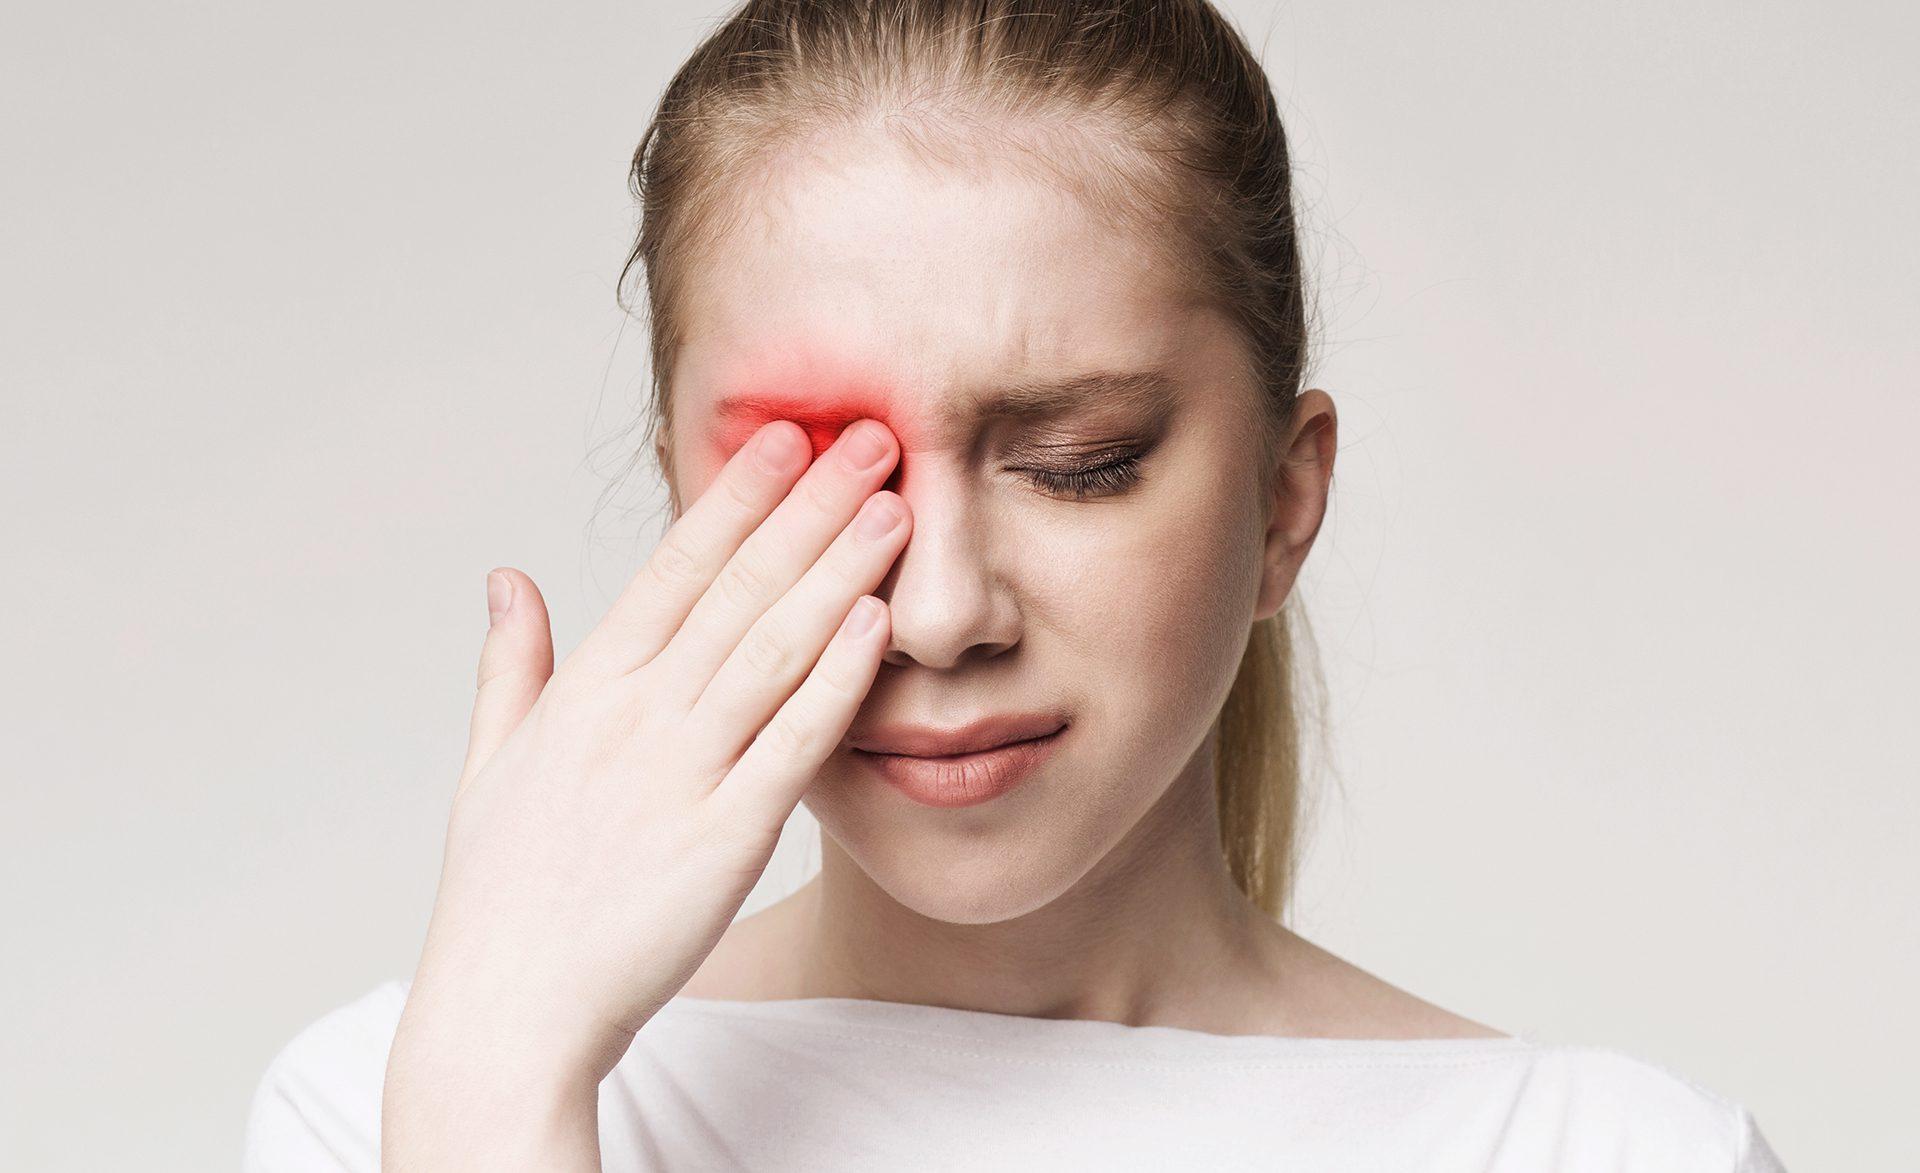 ความดันลูกตาสูง อาจเสี่ยงต้อหินก่อนสูงวัย